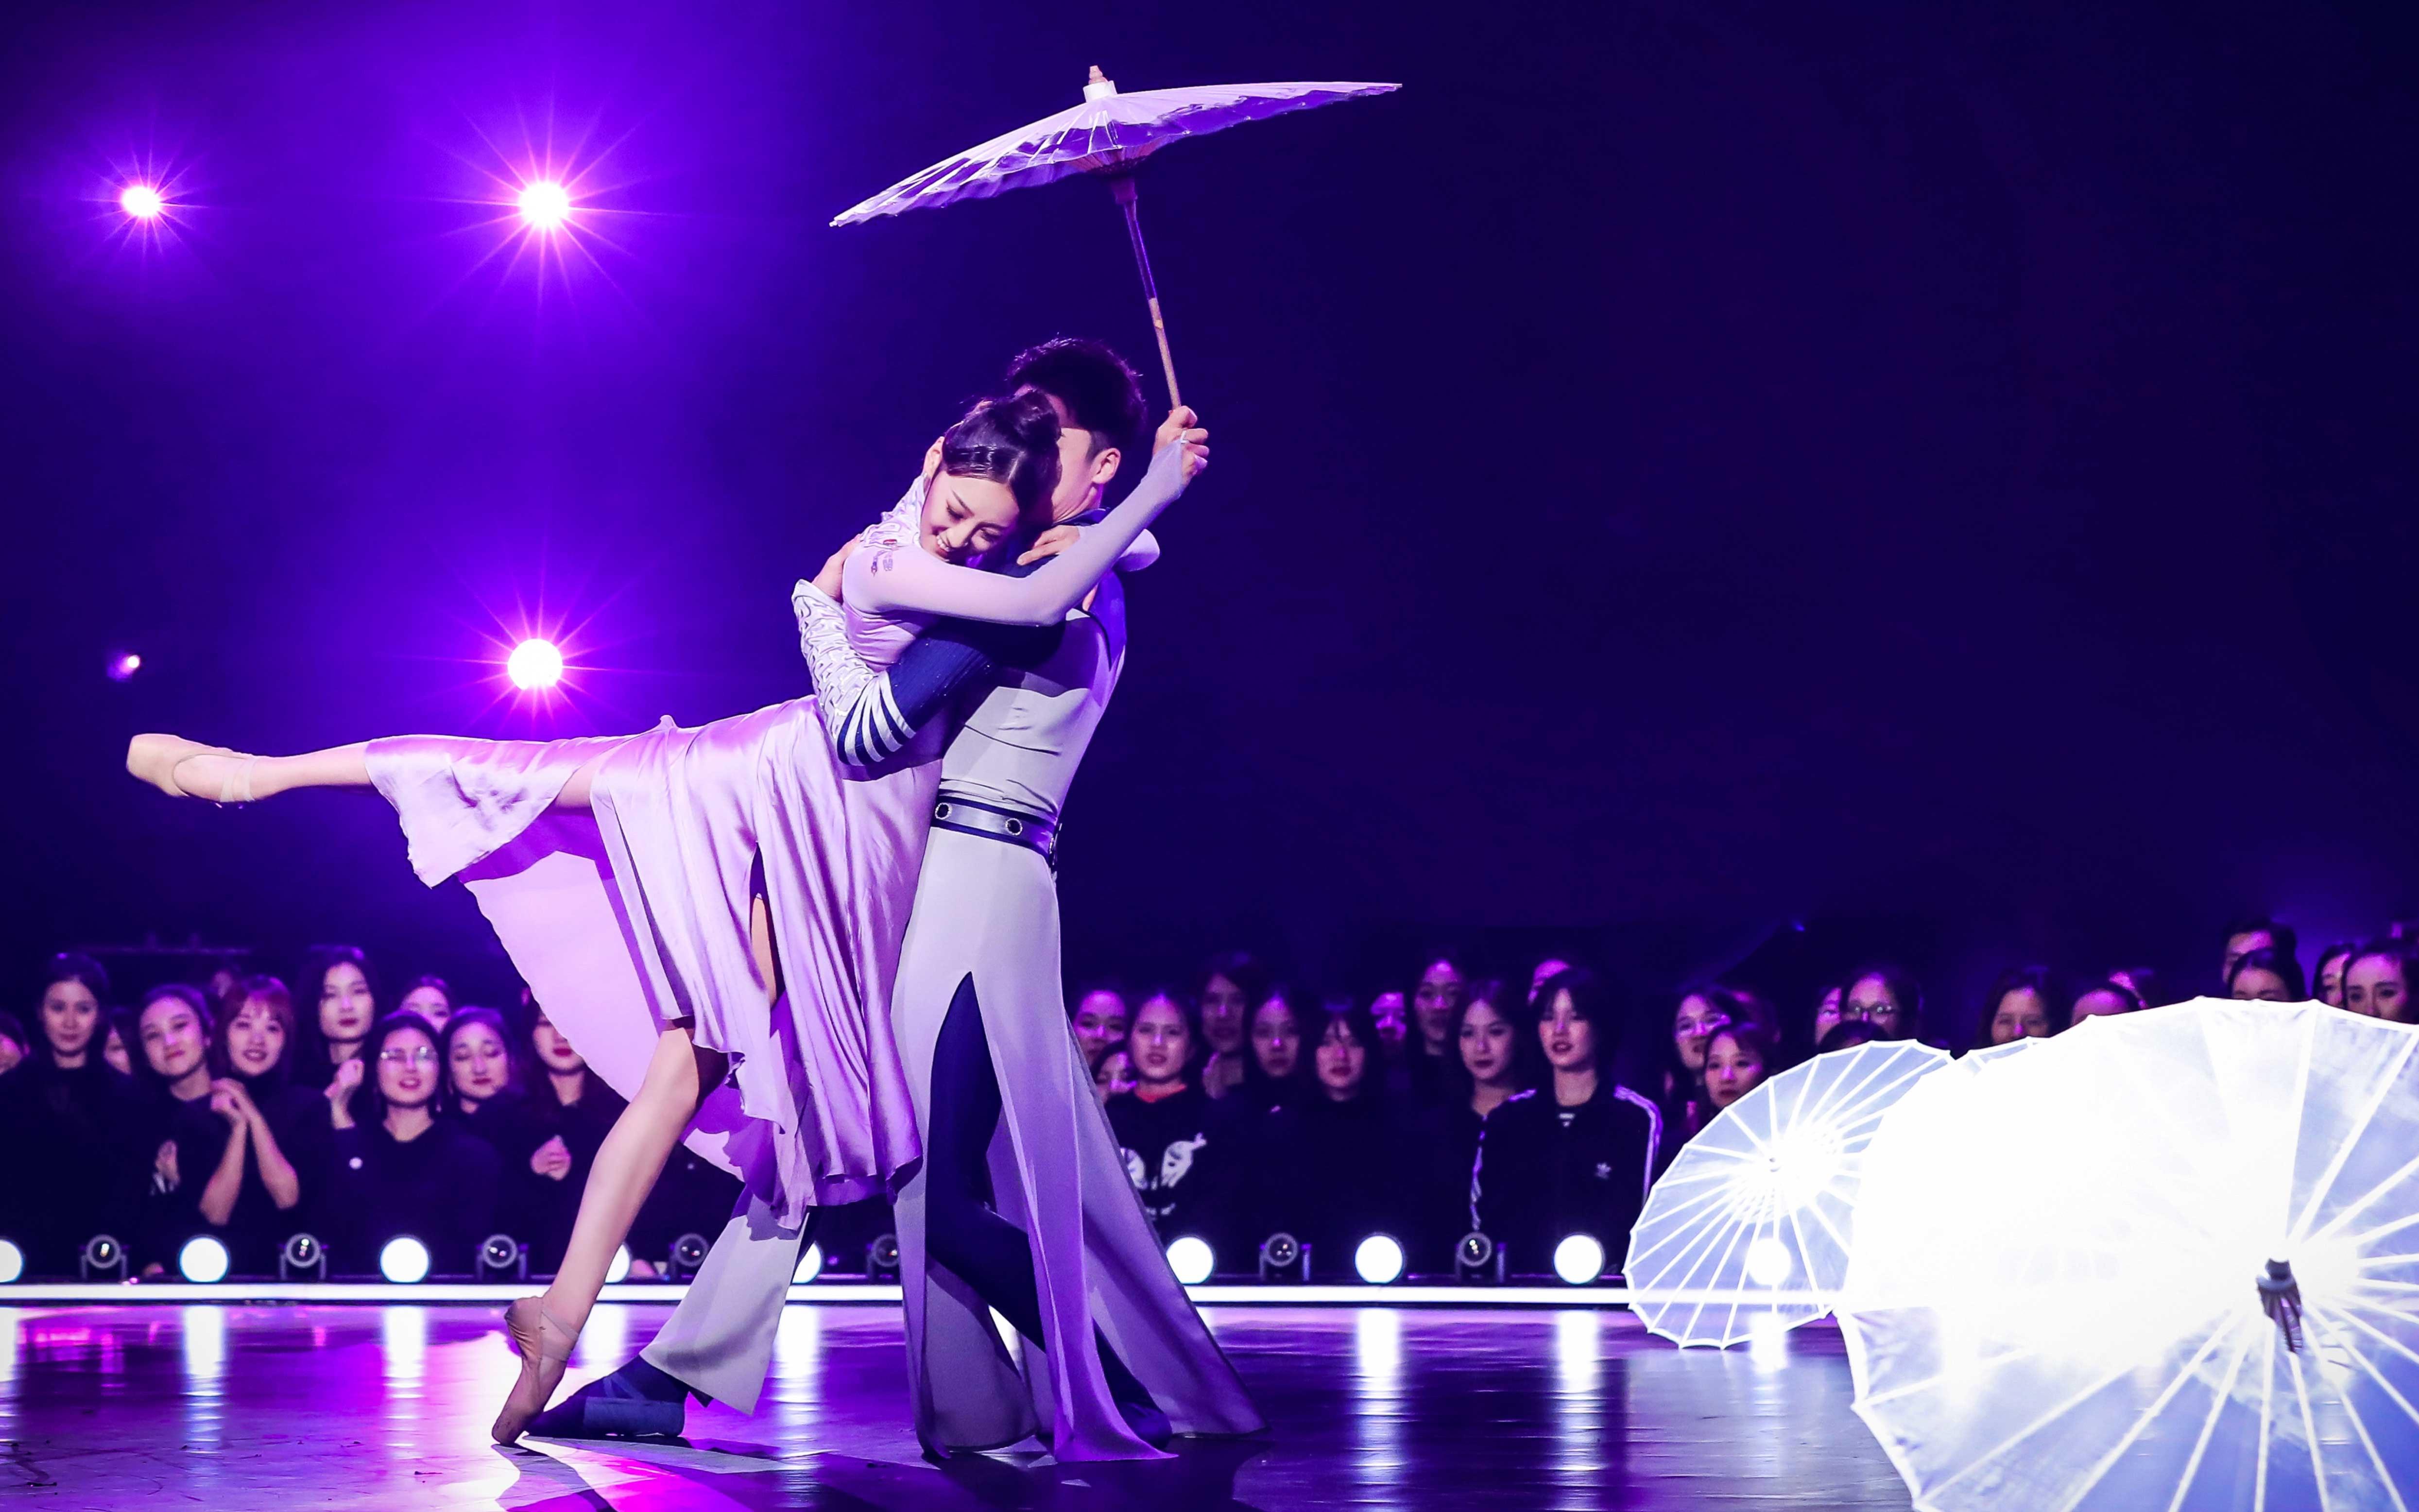 """【舞蹈风暴】""""魏璎珞""""""""富察傅恒""""来舞蹈风暴啦!敖定雯王占峰《守候》用芭蕾演绎《延禧宫略》雪落下的那一刻,你的心化了吗?"""